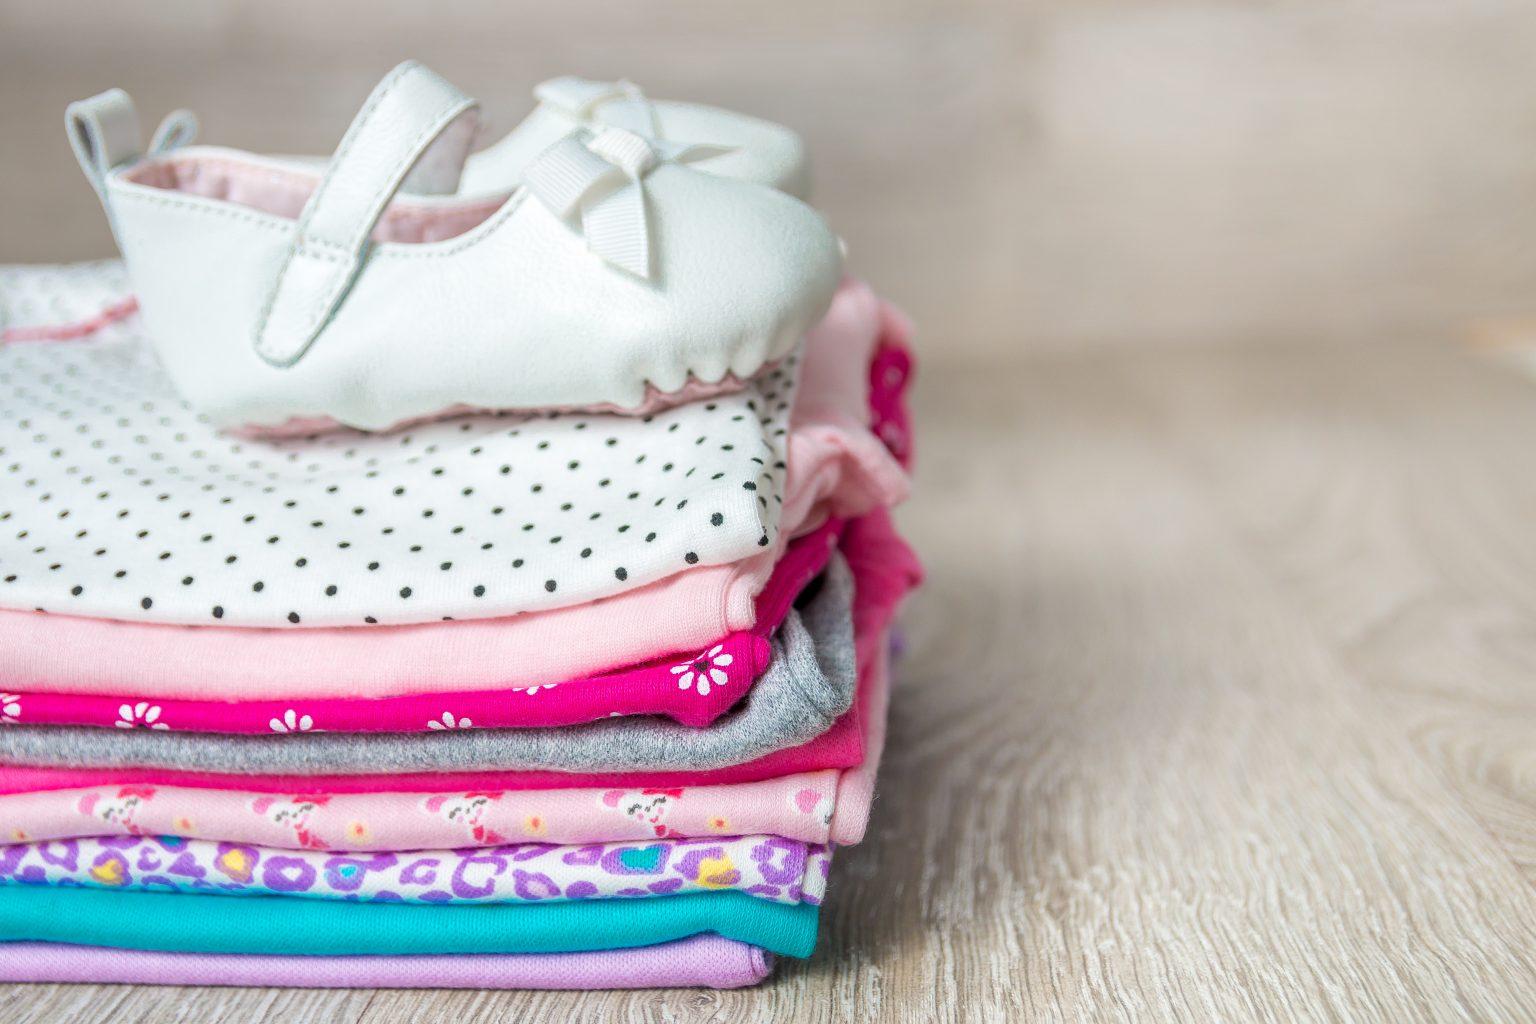 Cumpara haine bebelusi ieftine folosind aceste 5 trucuri 1